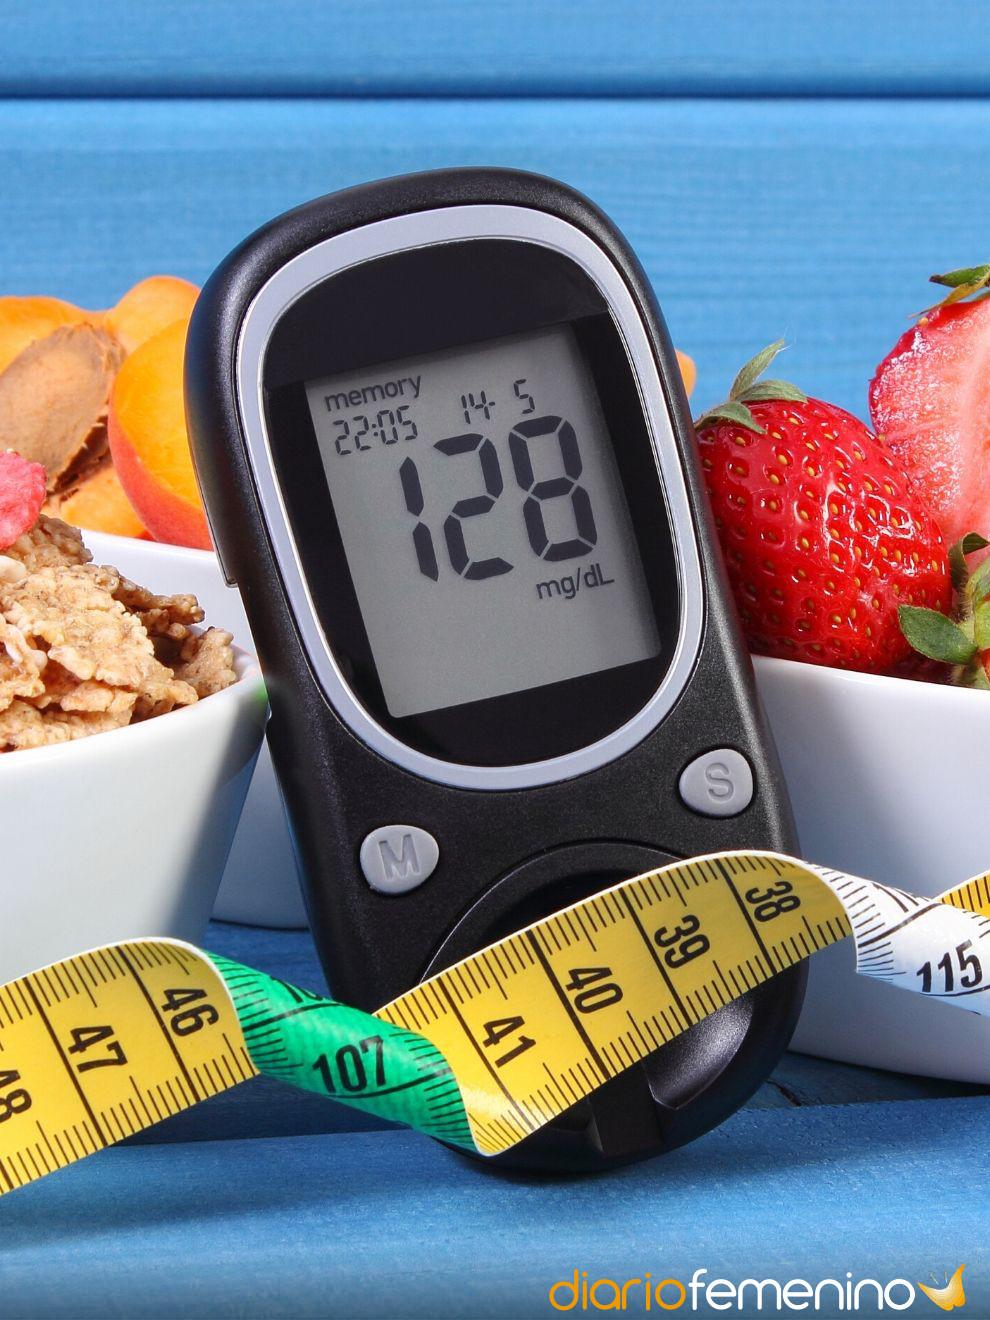 diabetes un poco más larga Nick Jonas diabetes